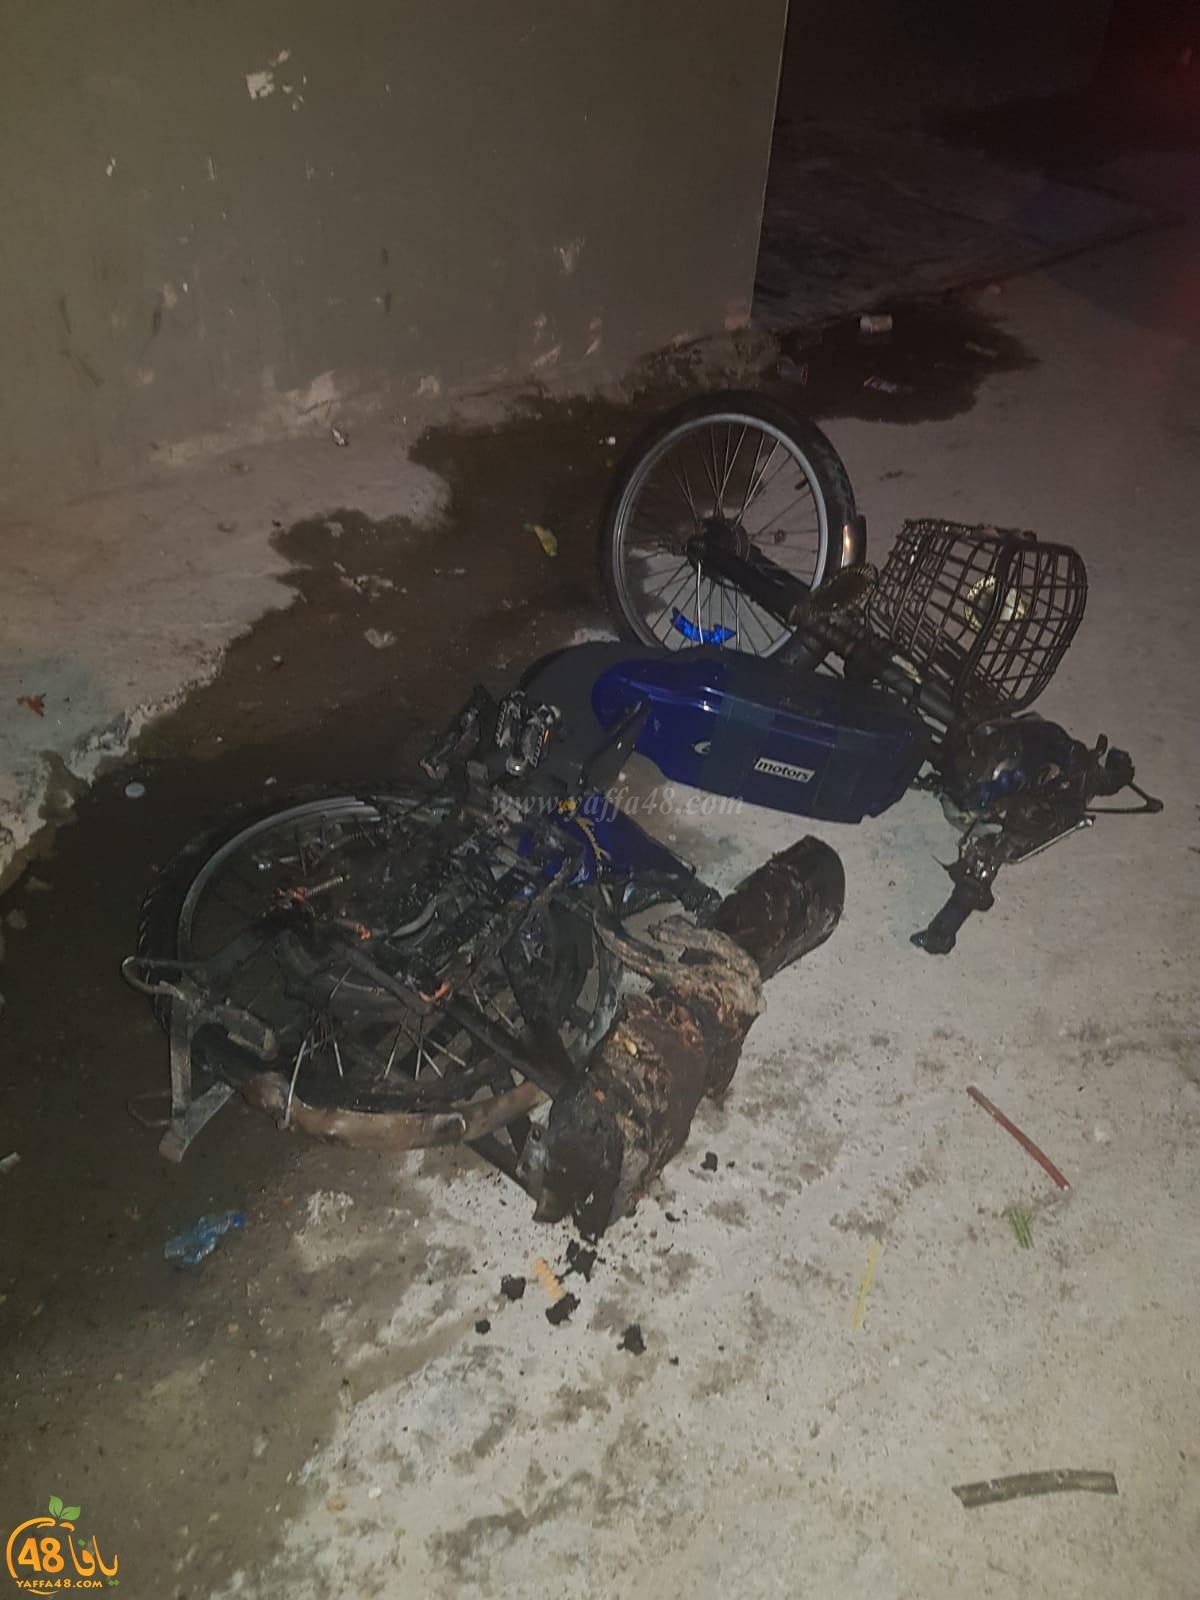 الرملة: احتراق منزل في حي الجواريش بسبب احتراق بطاريات دراجة كهربائية